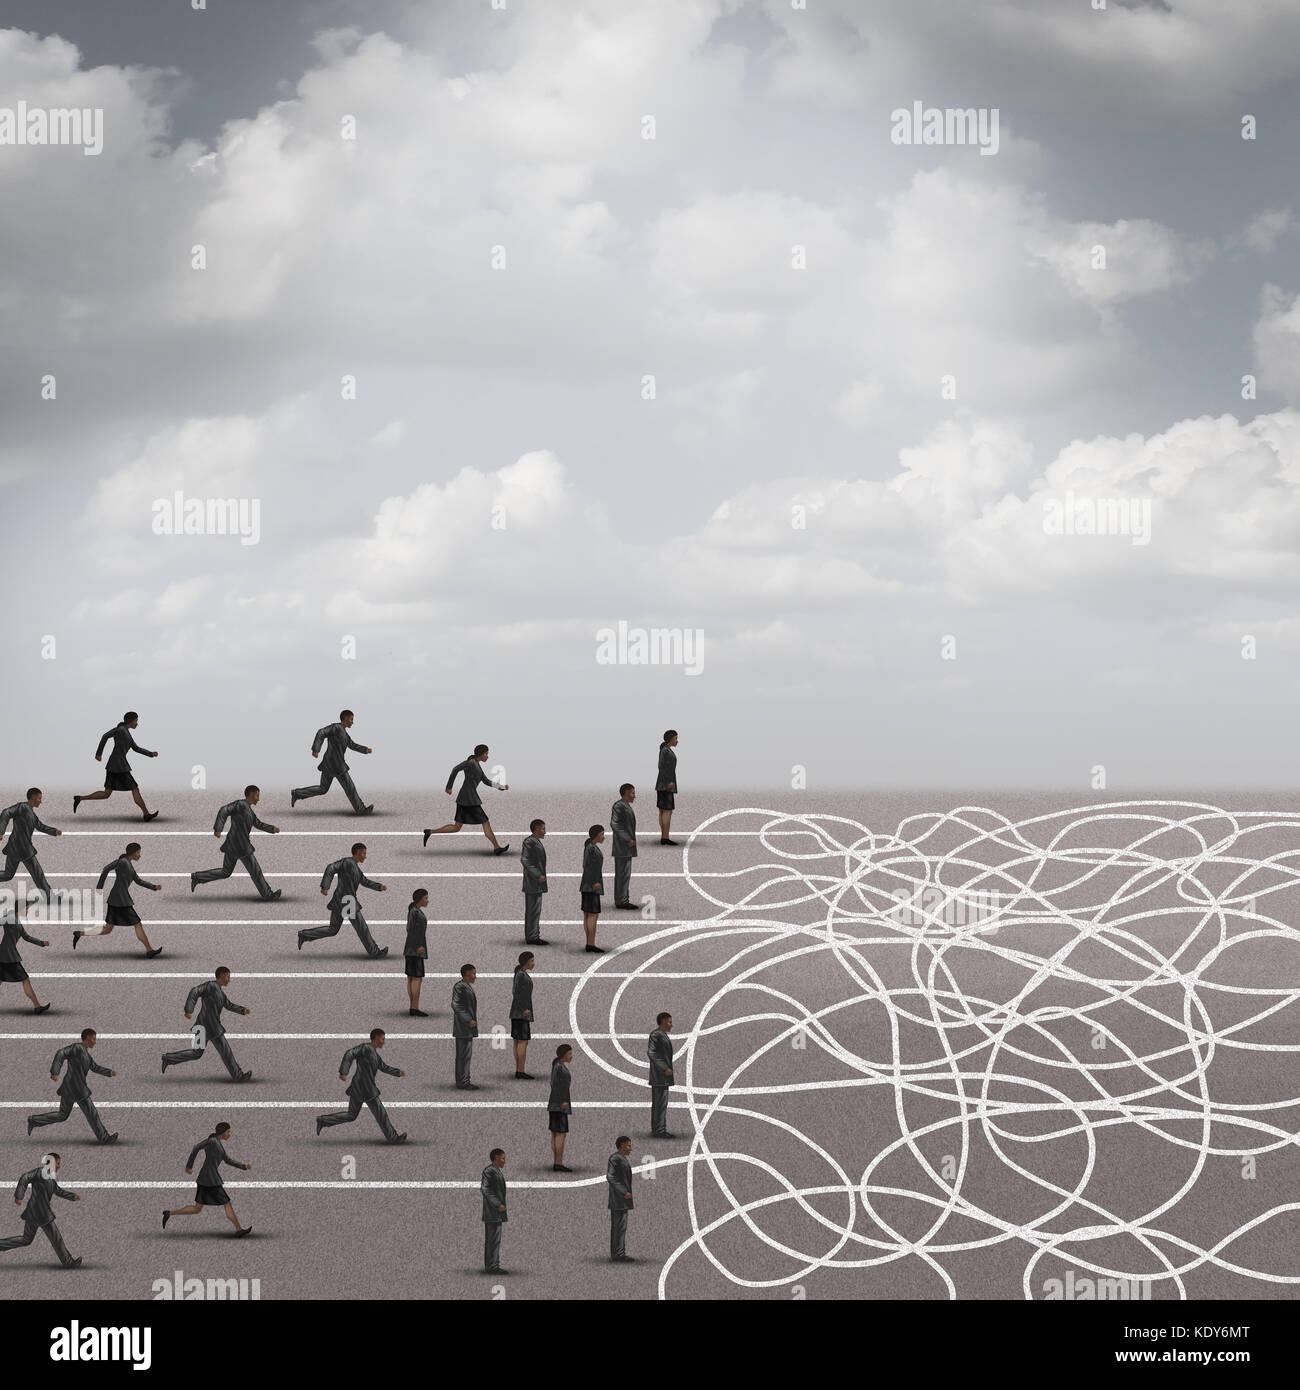 Scelte difficili crisi il concetto di business in un 3d illustrazione dello stile. Immagini Stock